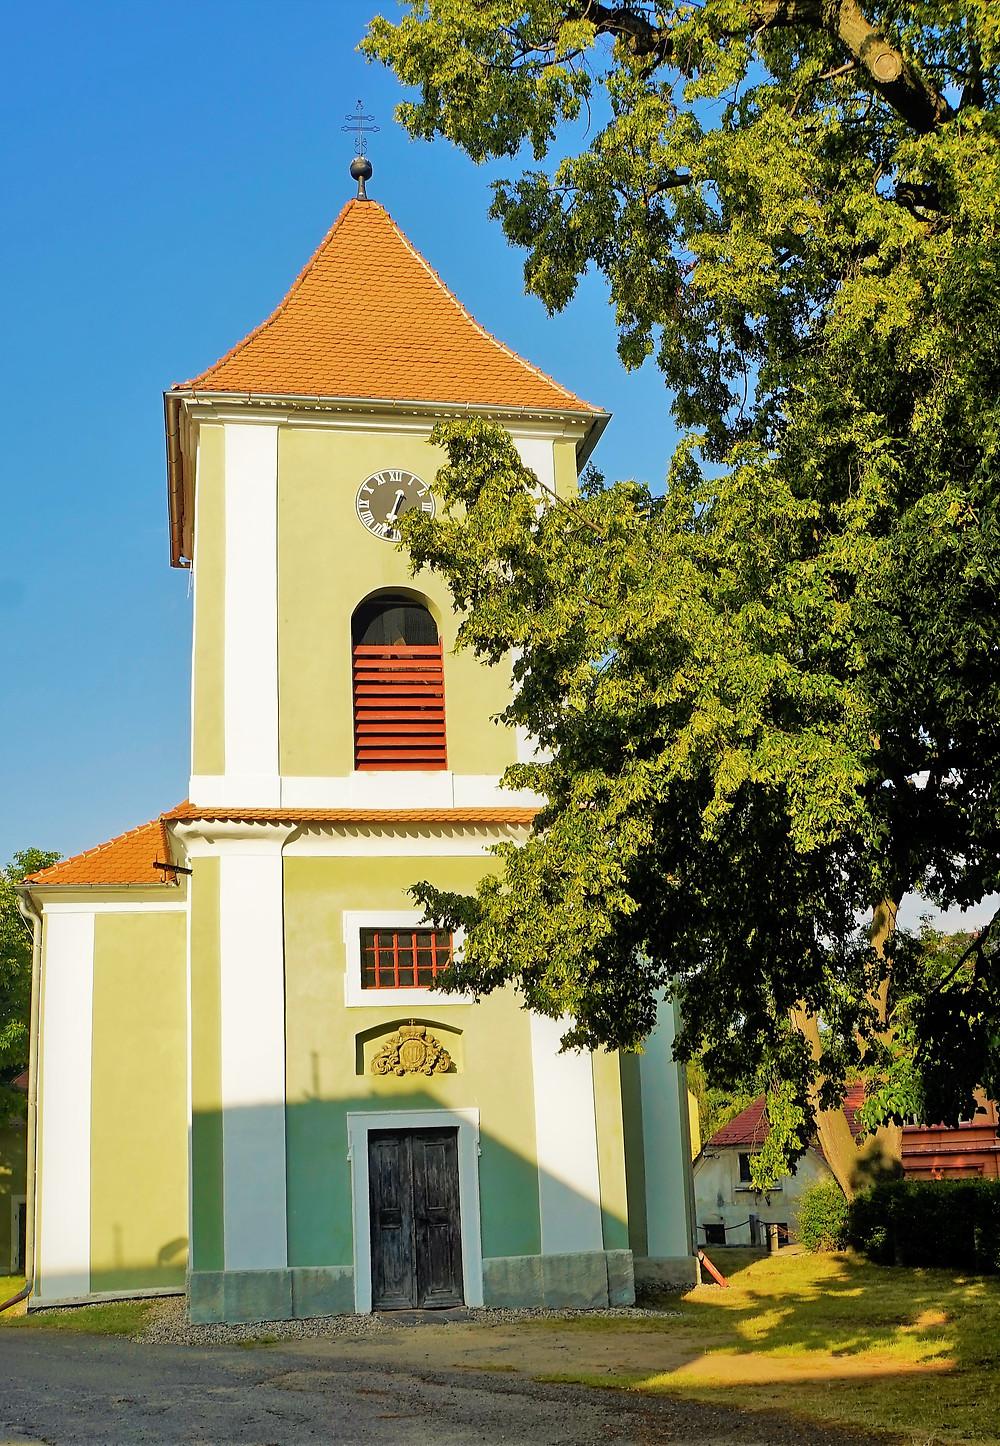 Kostel svatého Mikuláše v Nepomyšli má dva zvony s nádherným hlasem, které ulil zvonař Wildt v Jáchymově